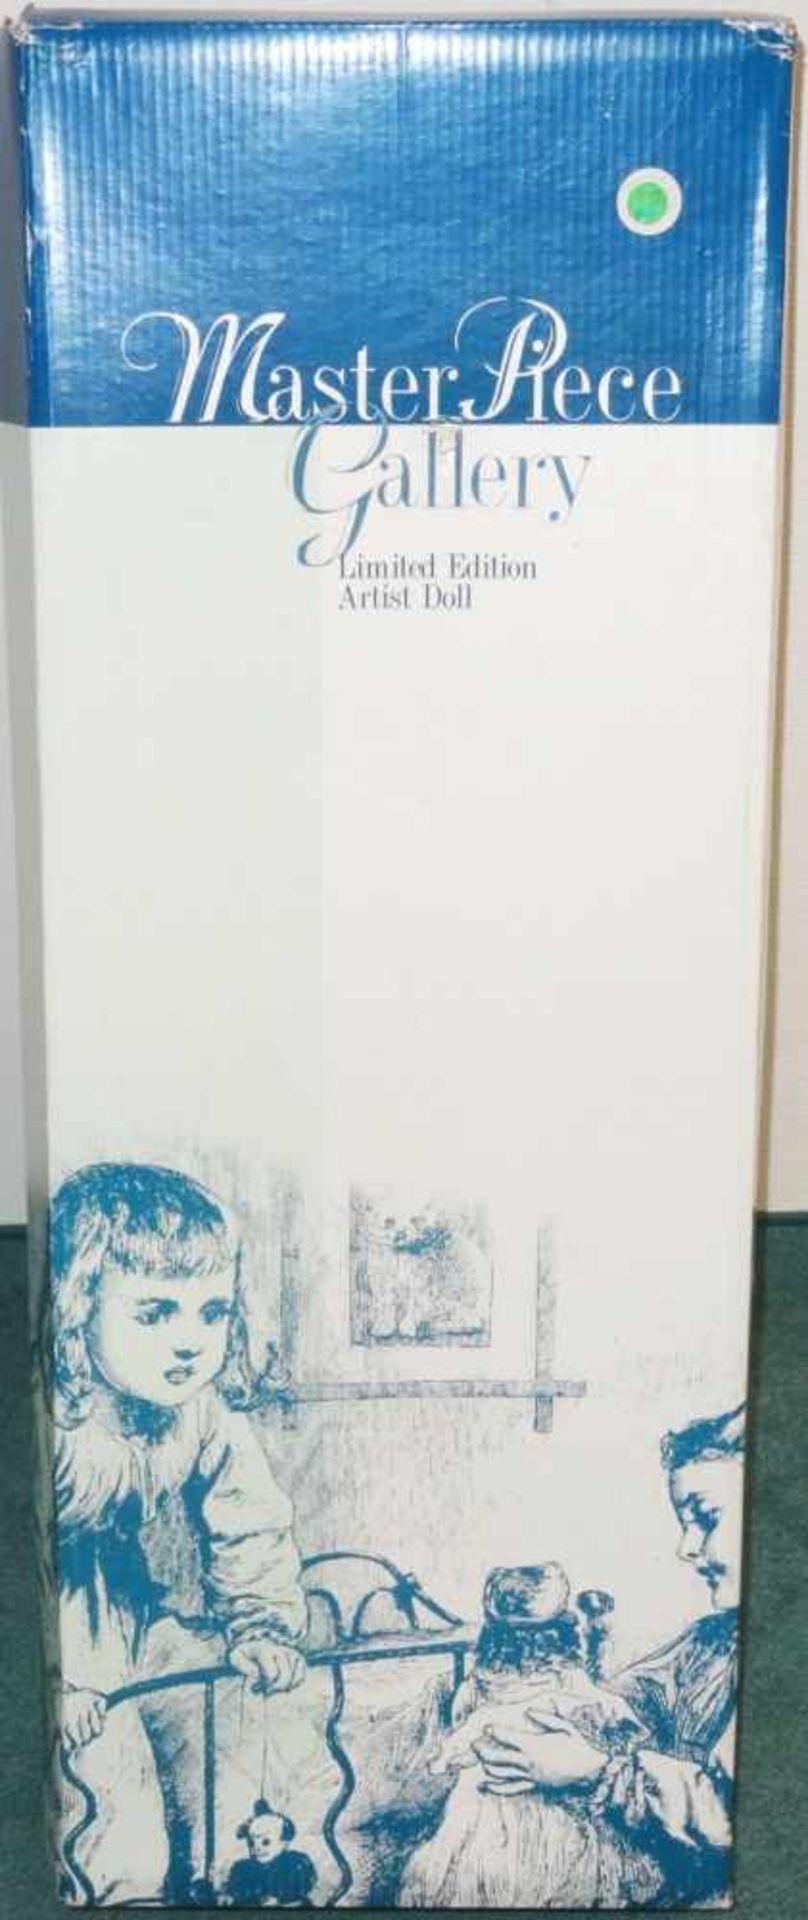 Sammlerpuppe ltd. Edition - Fabian - in Freizeitbekleidung, Artist Doll Linda Valentino-Michel, Höhe - Bild 2 aus 5